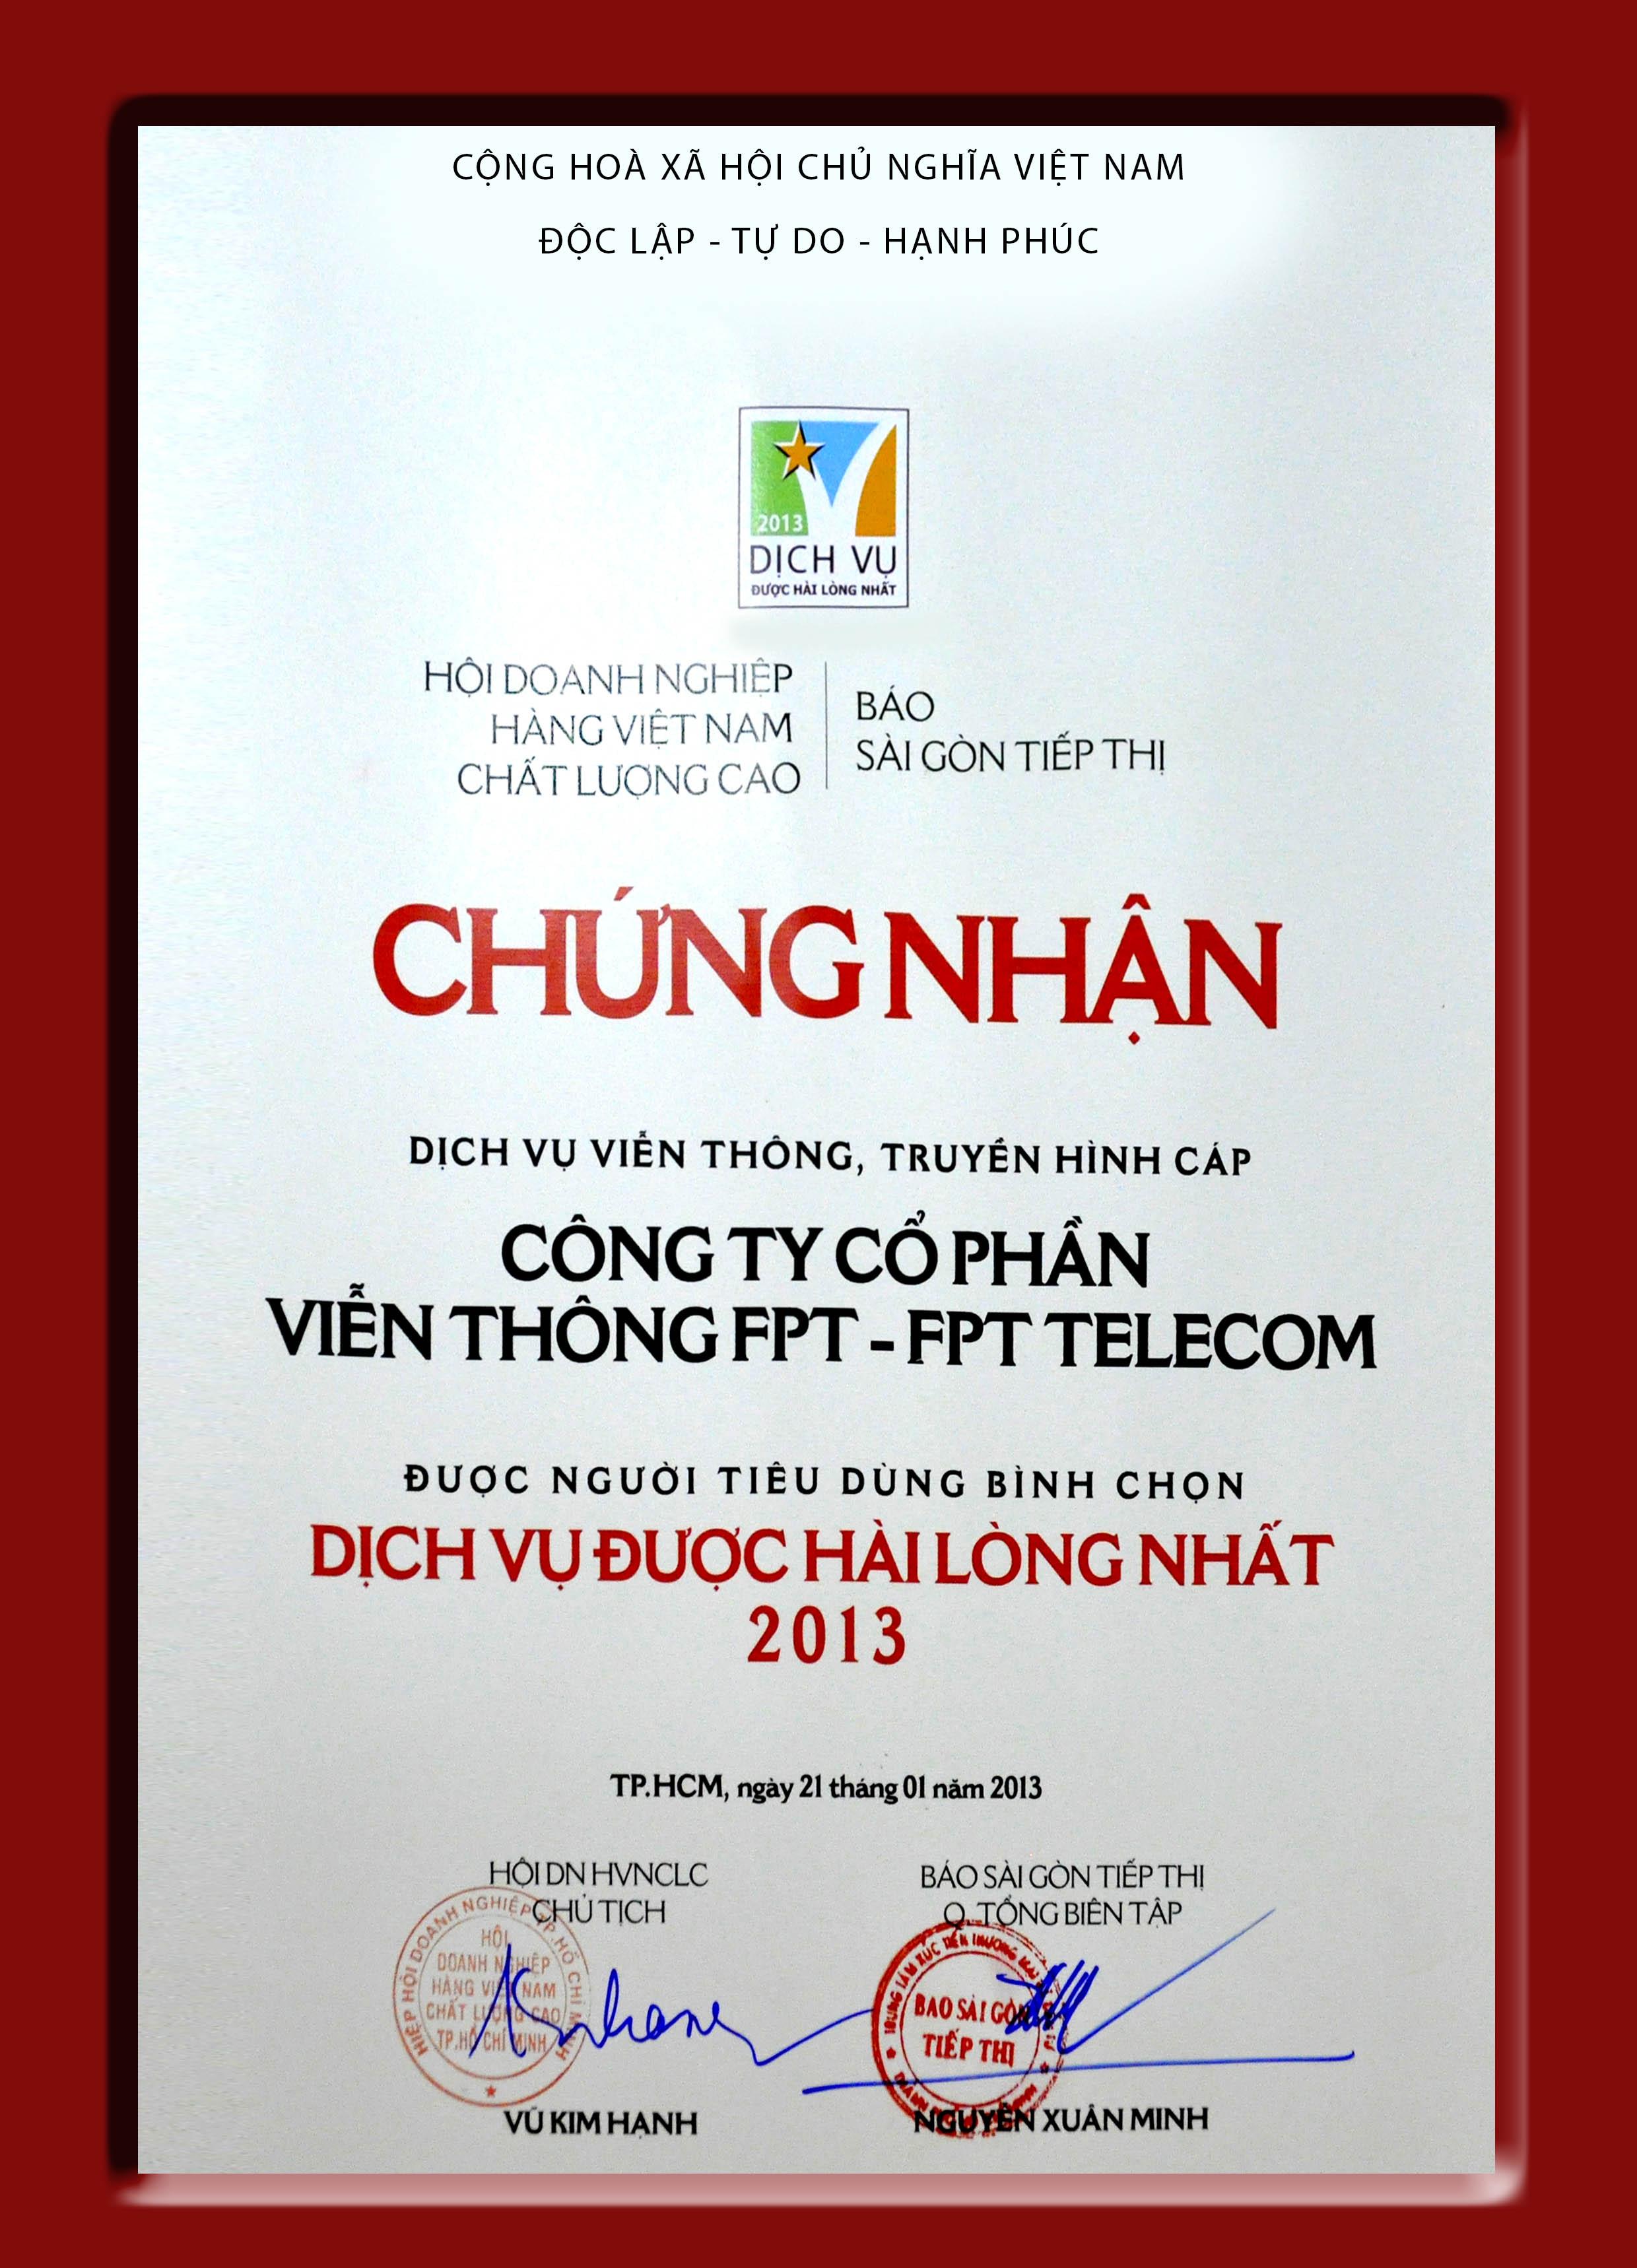 FPT - Chứng nhận dịch vụ internet được hài lòng nhất